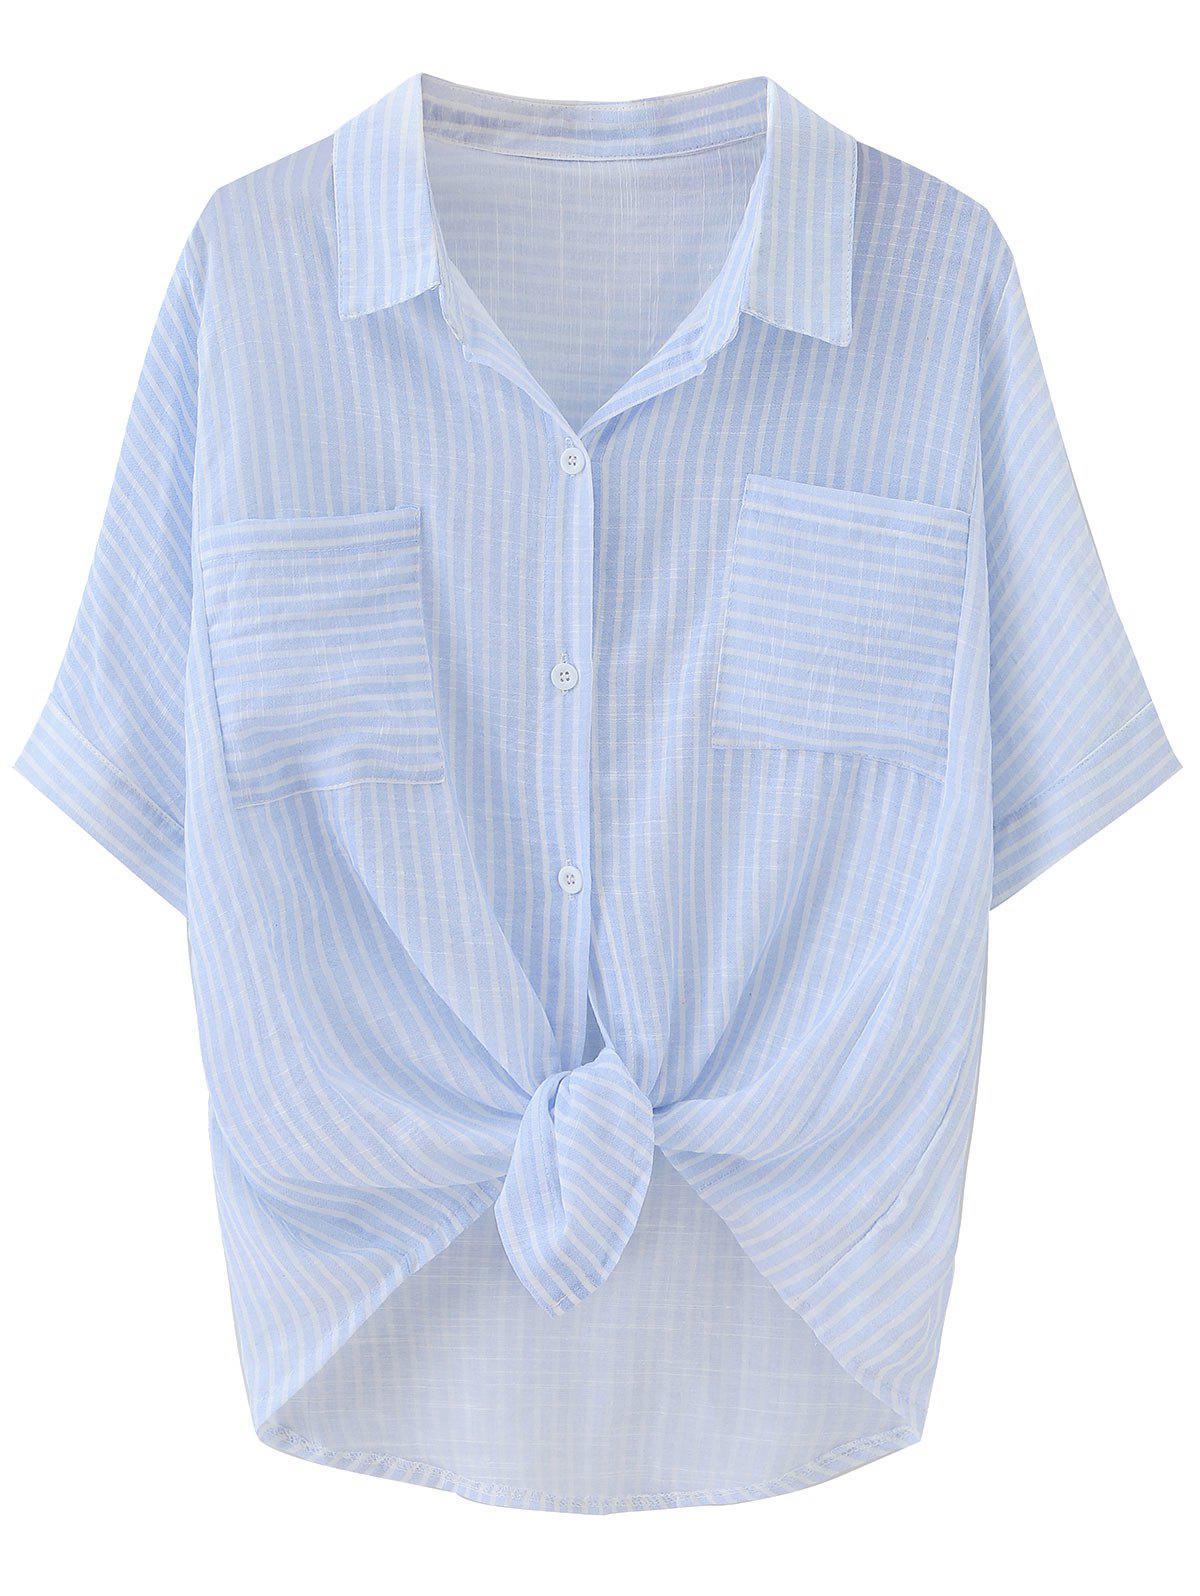 Gestreifte Tasche Bluse mit abfallendem Saum und Knotten